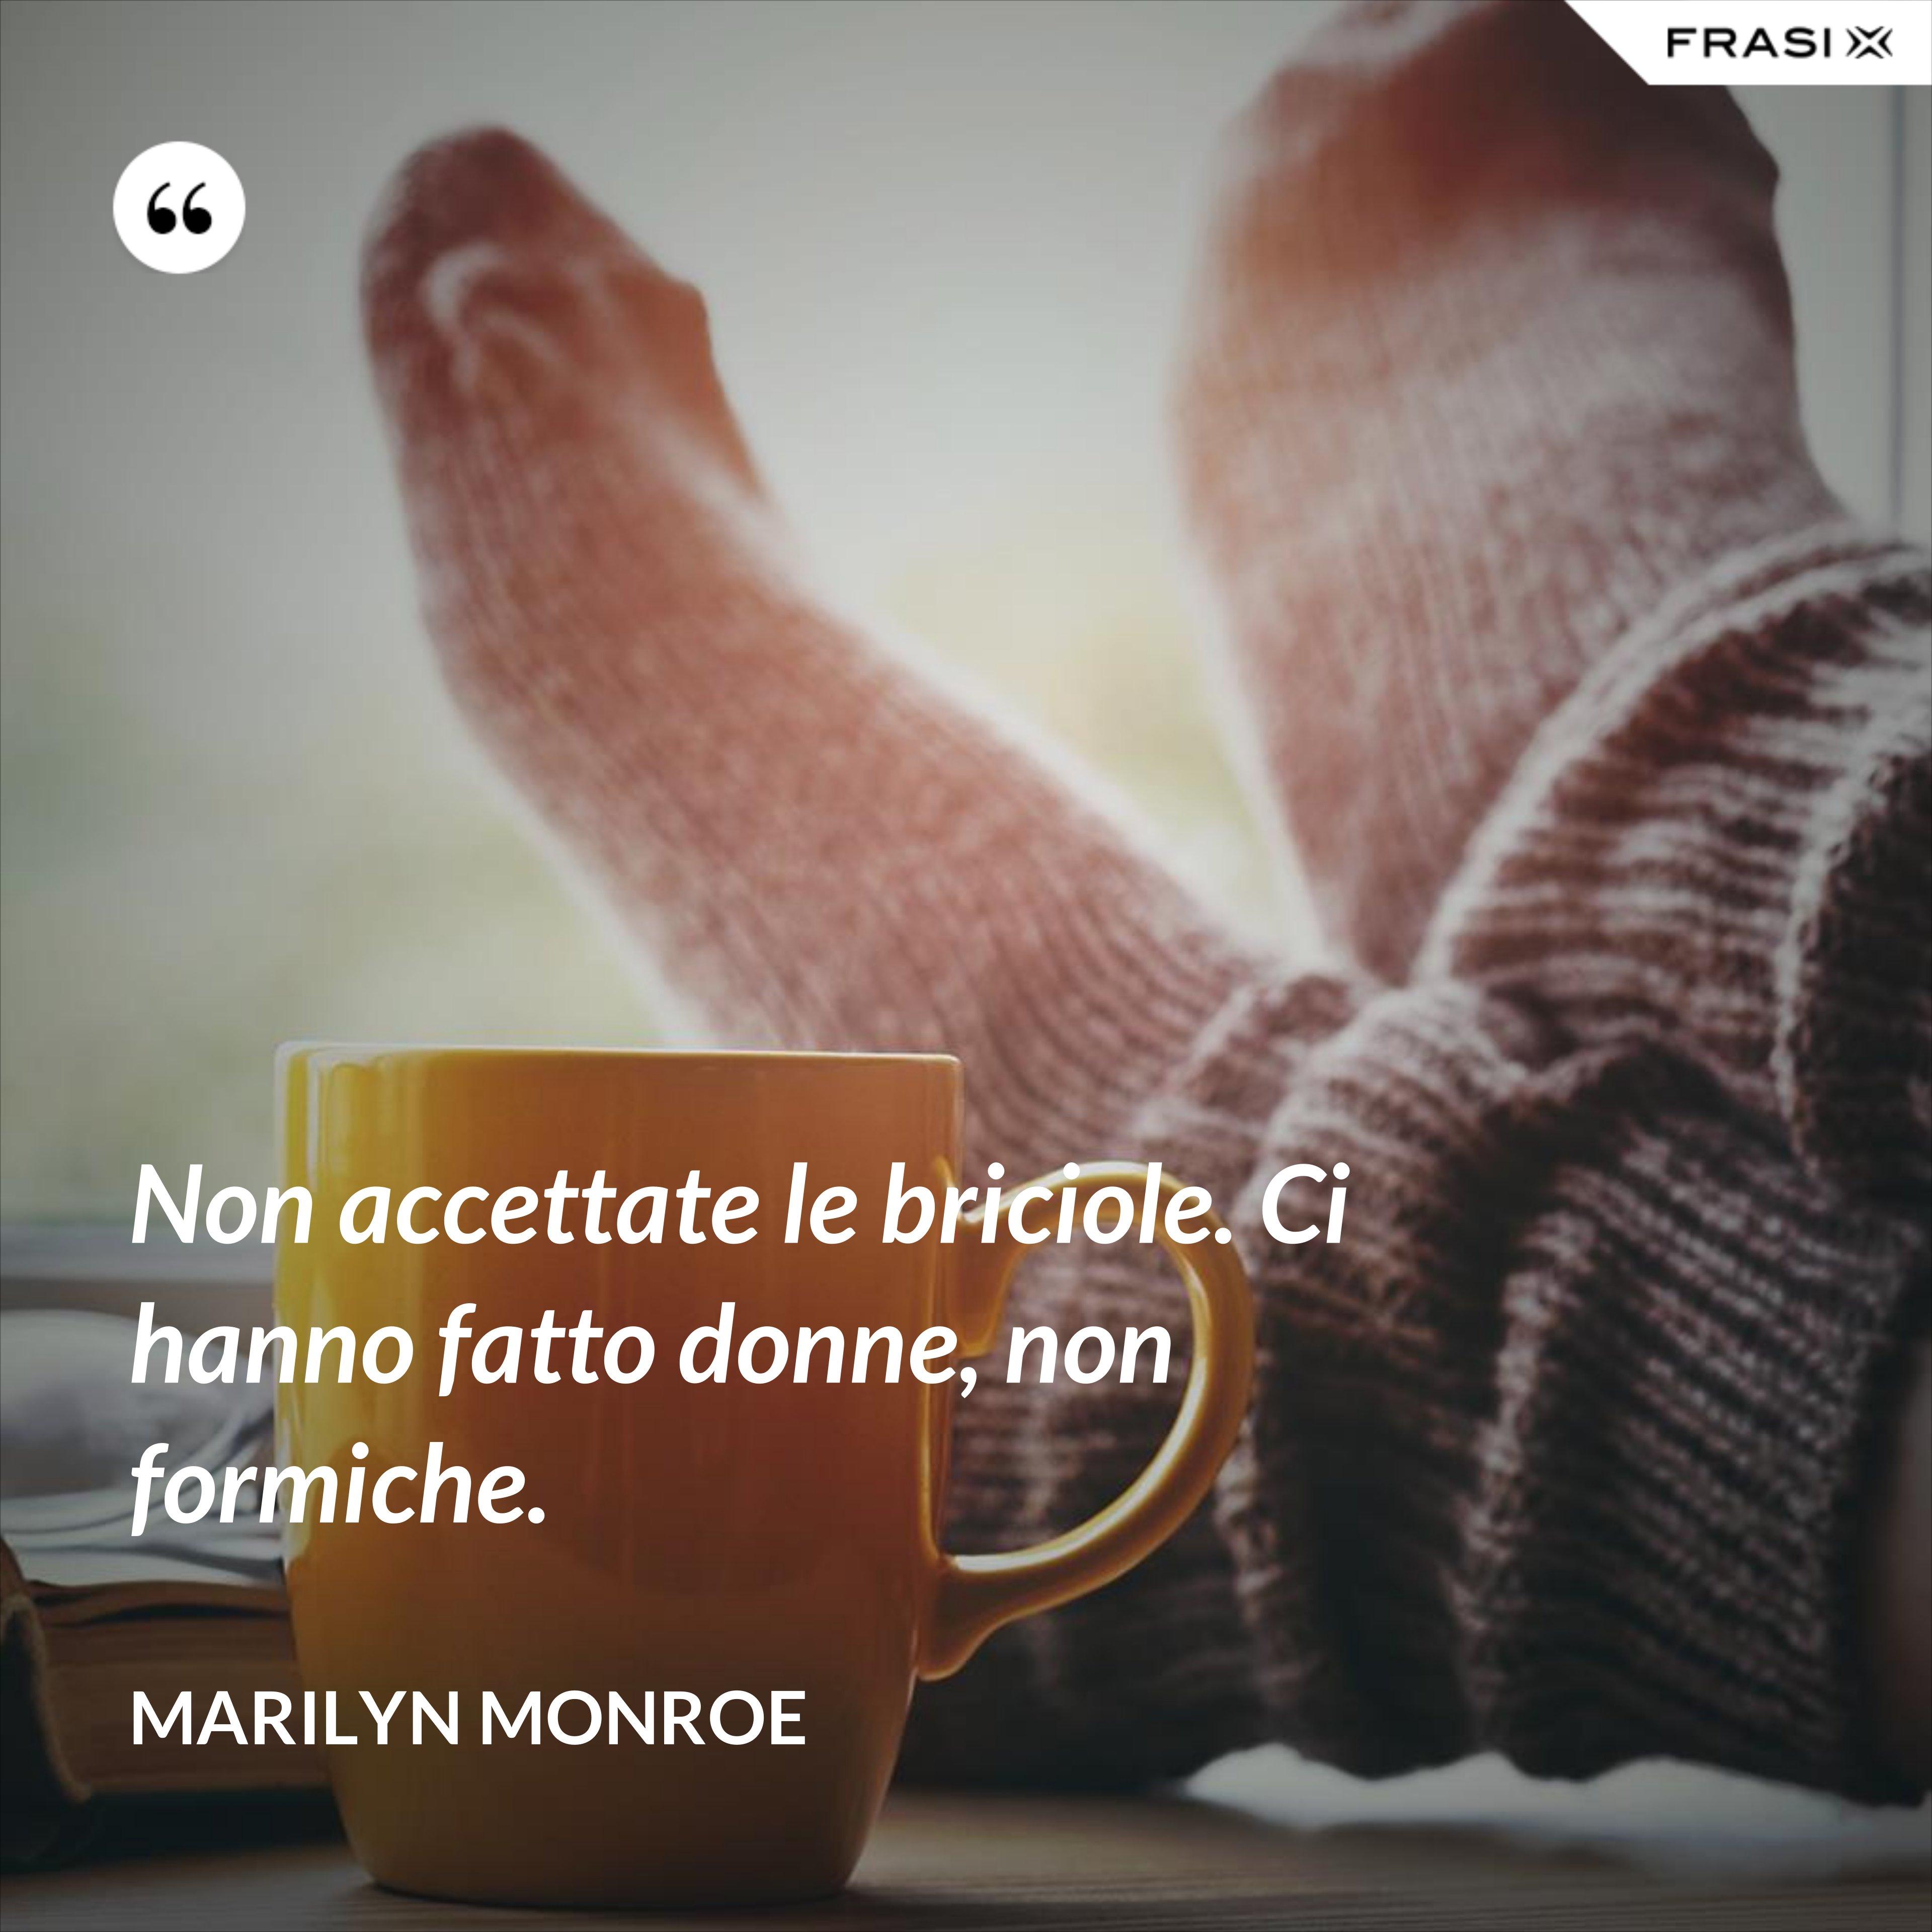 Non accettate le briciole. Ci hanno fatto donne, non formiche. - Marilyn Monroe